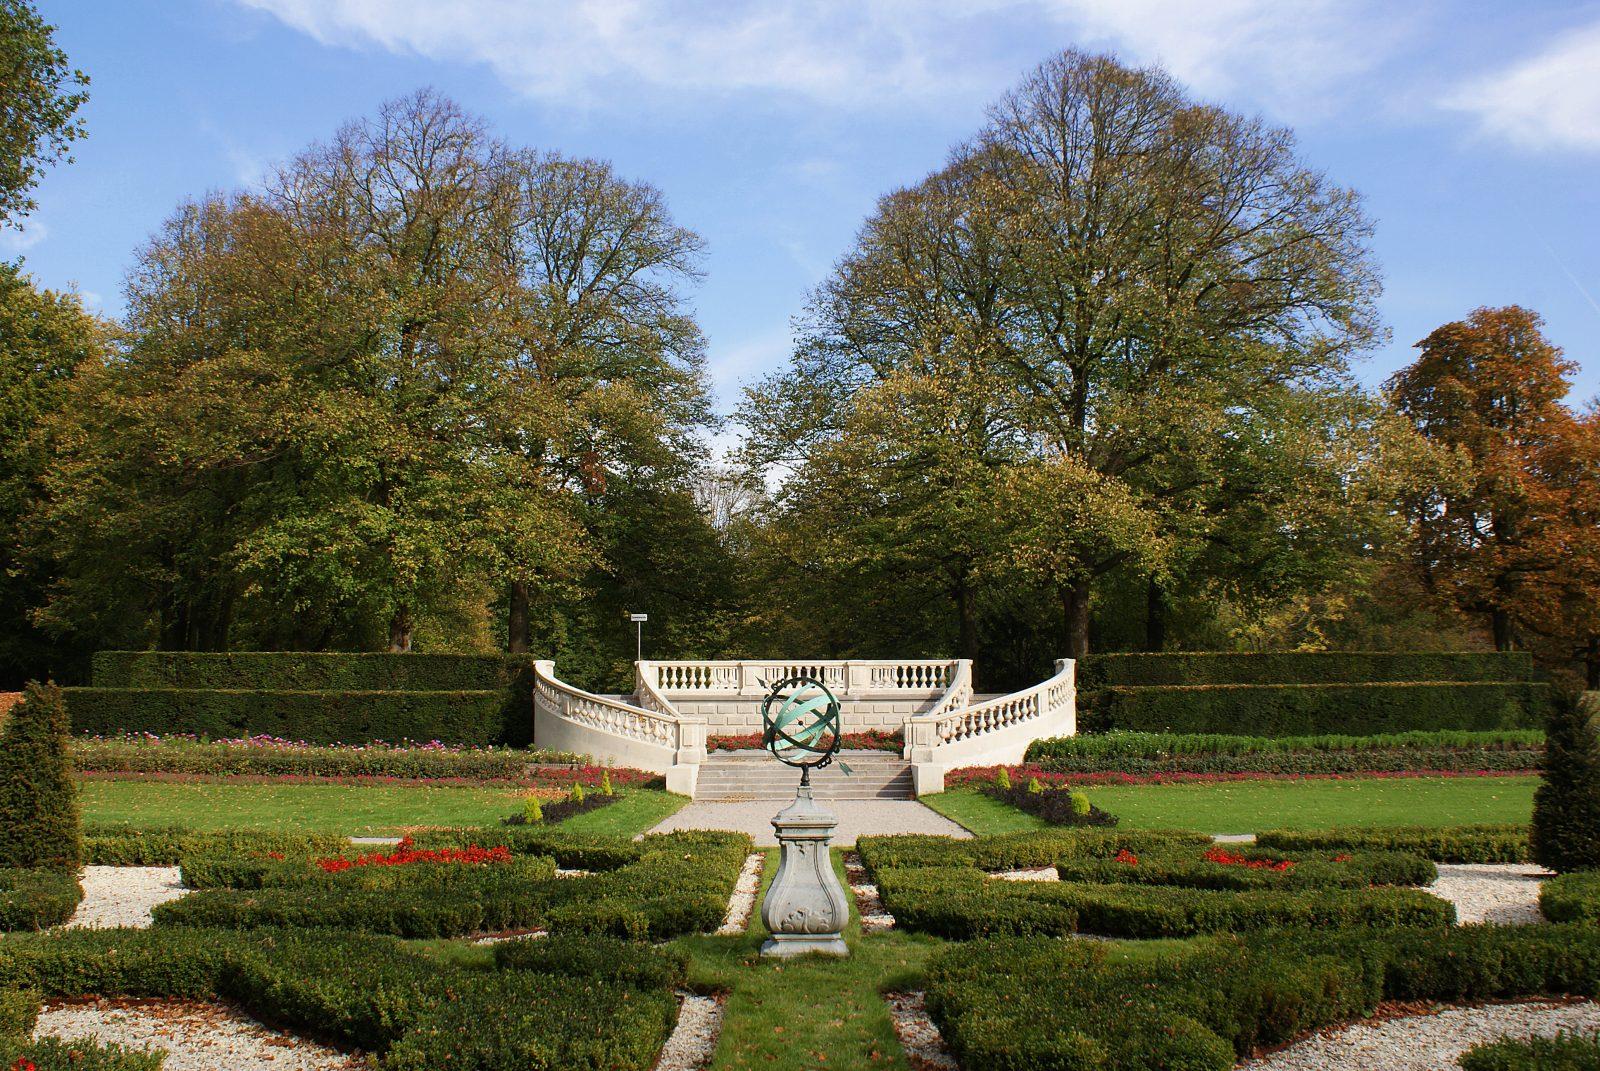 Clingendael Hollandse tuin